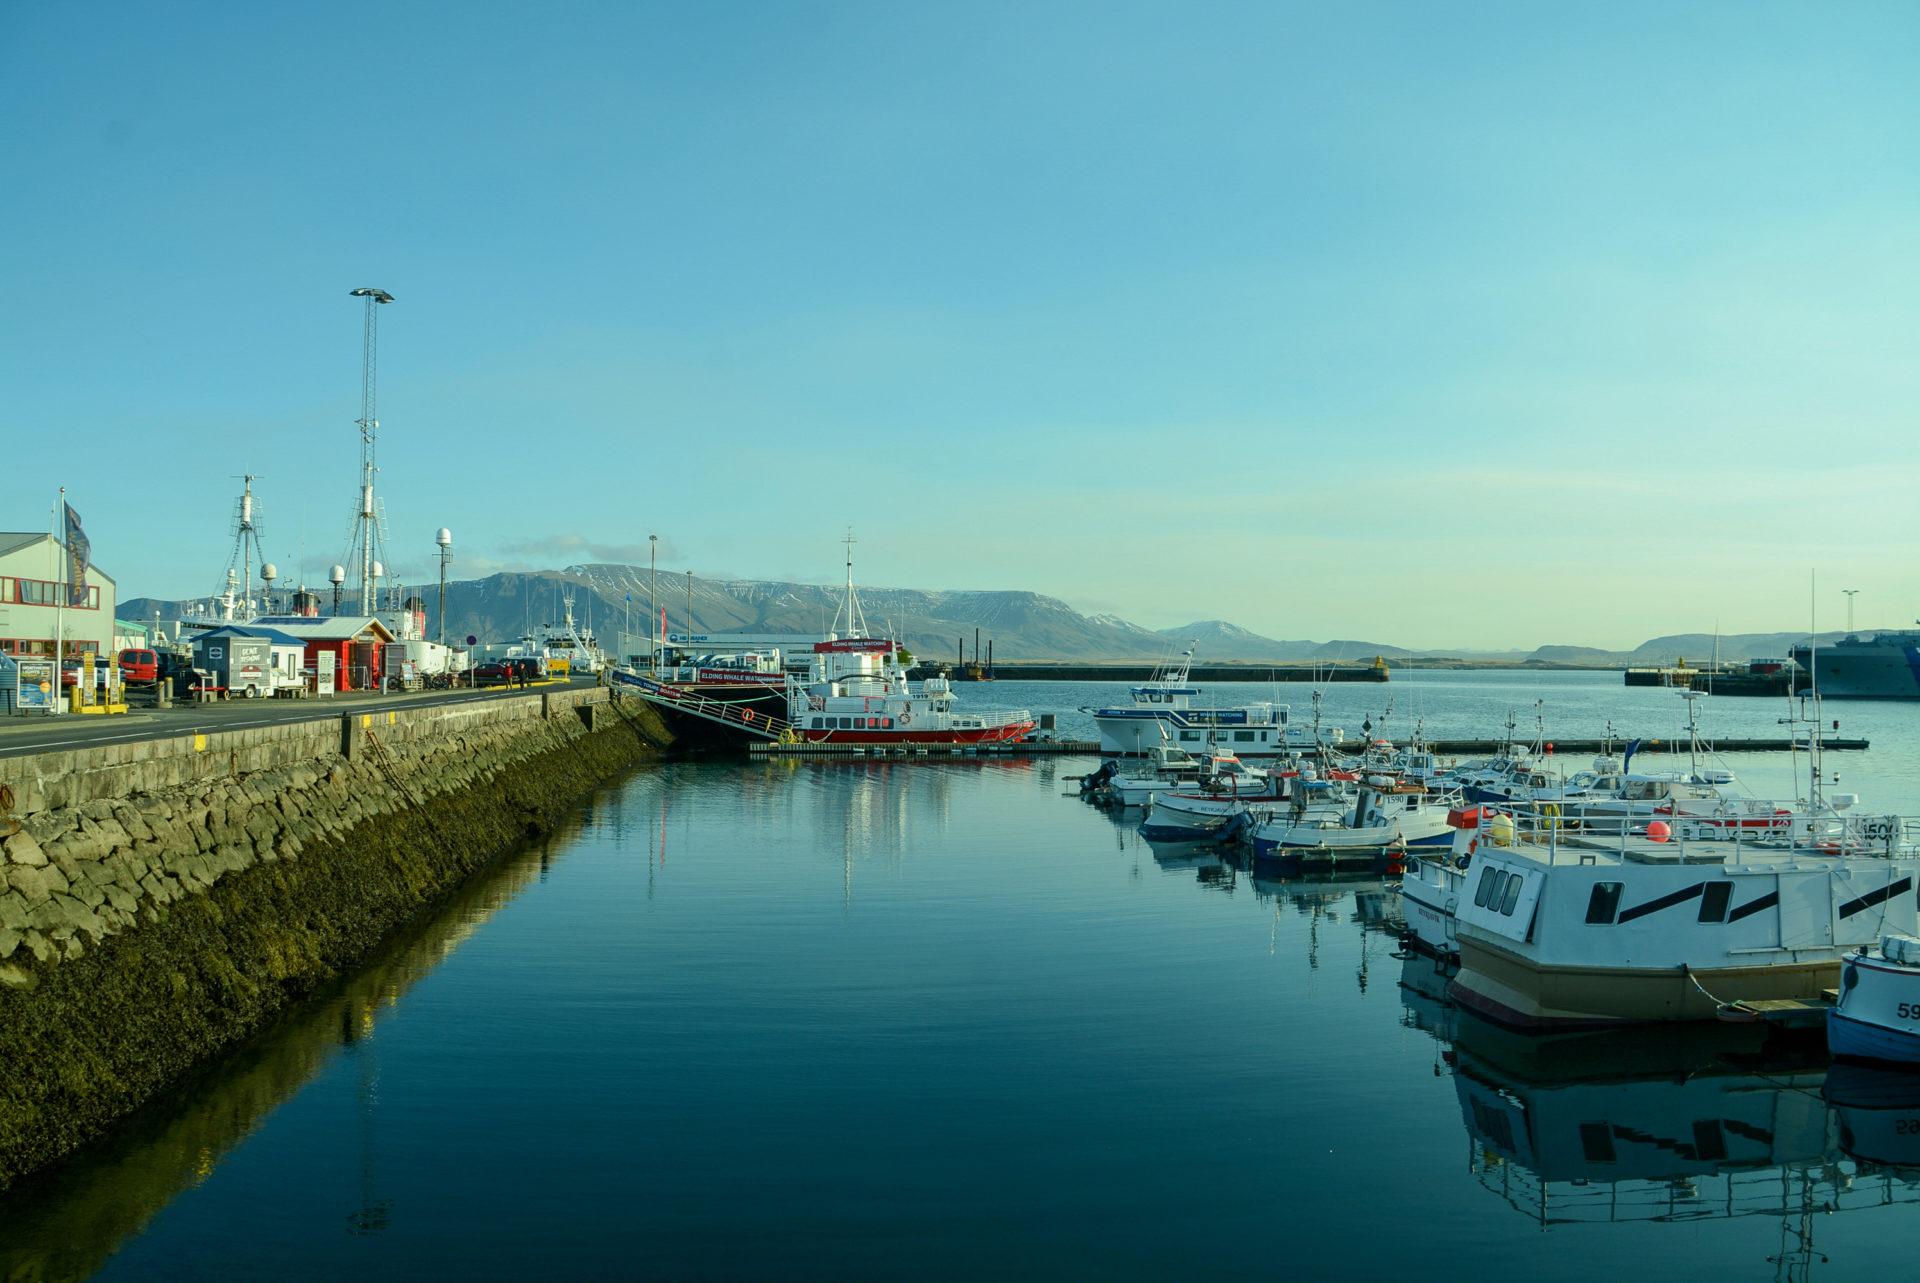 Der Hafen von Reykjavik in Island